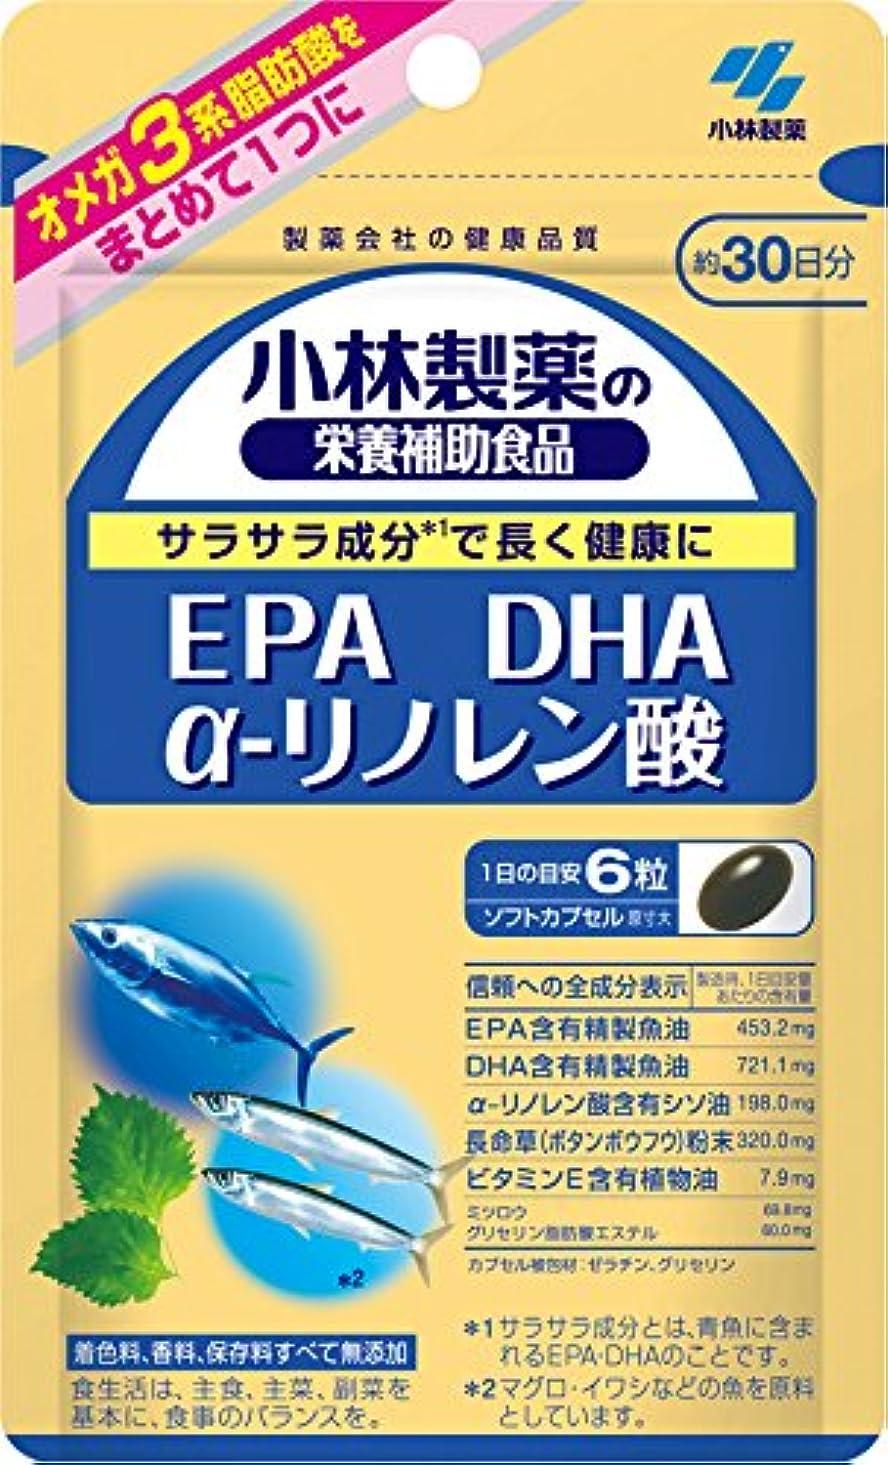 最少シビックソロ小林製薬の栄養補助食品 EPA DHA α-リノレン酸 約30日分 180粒